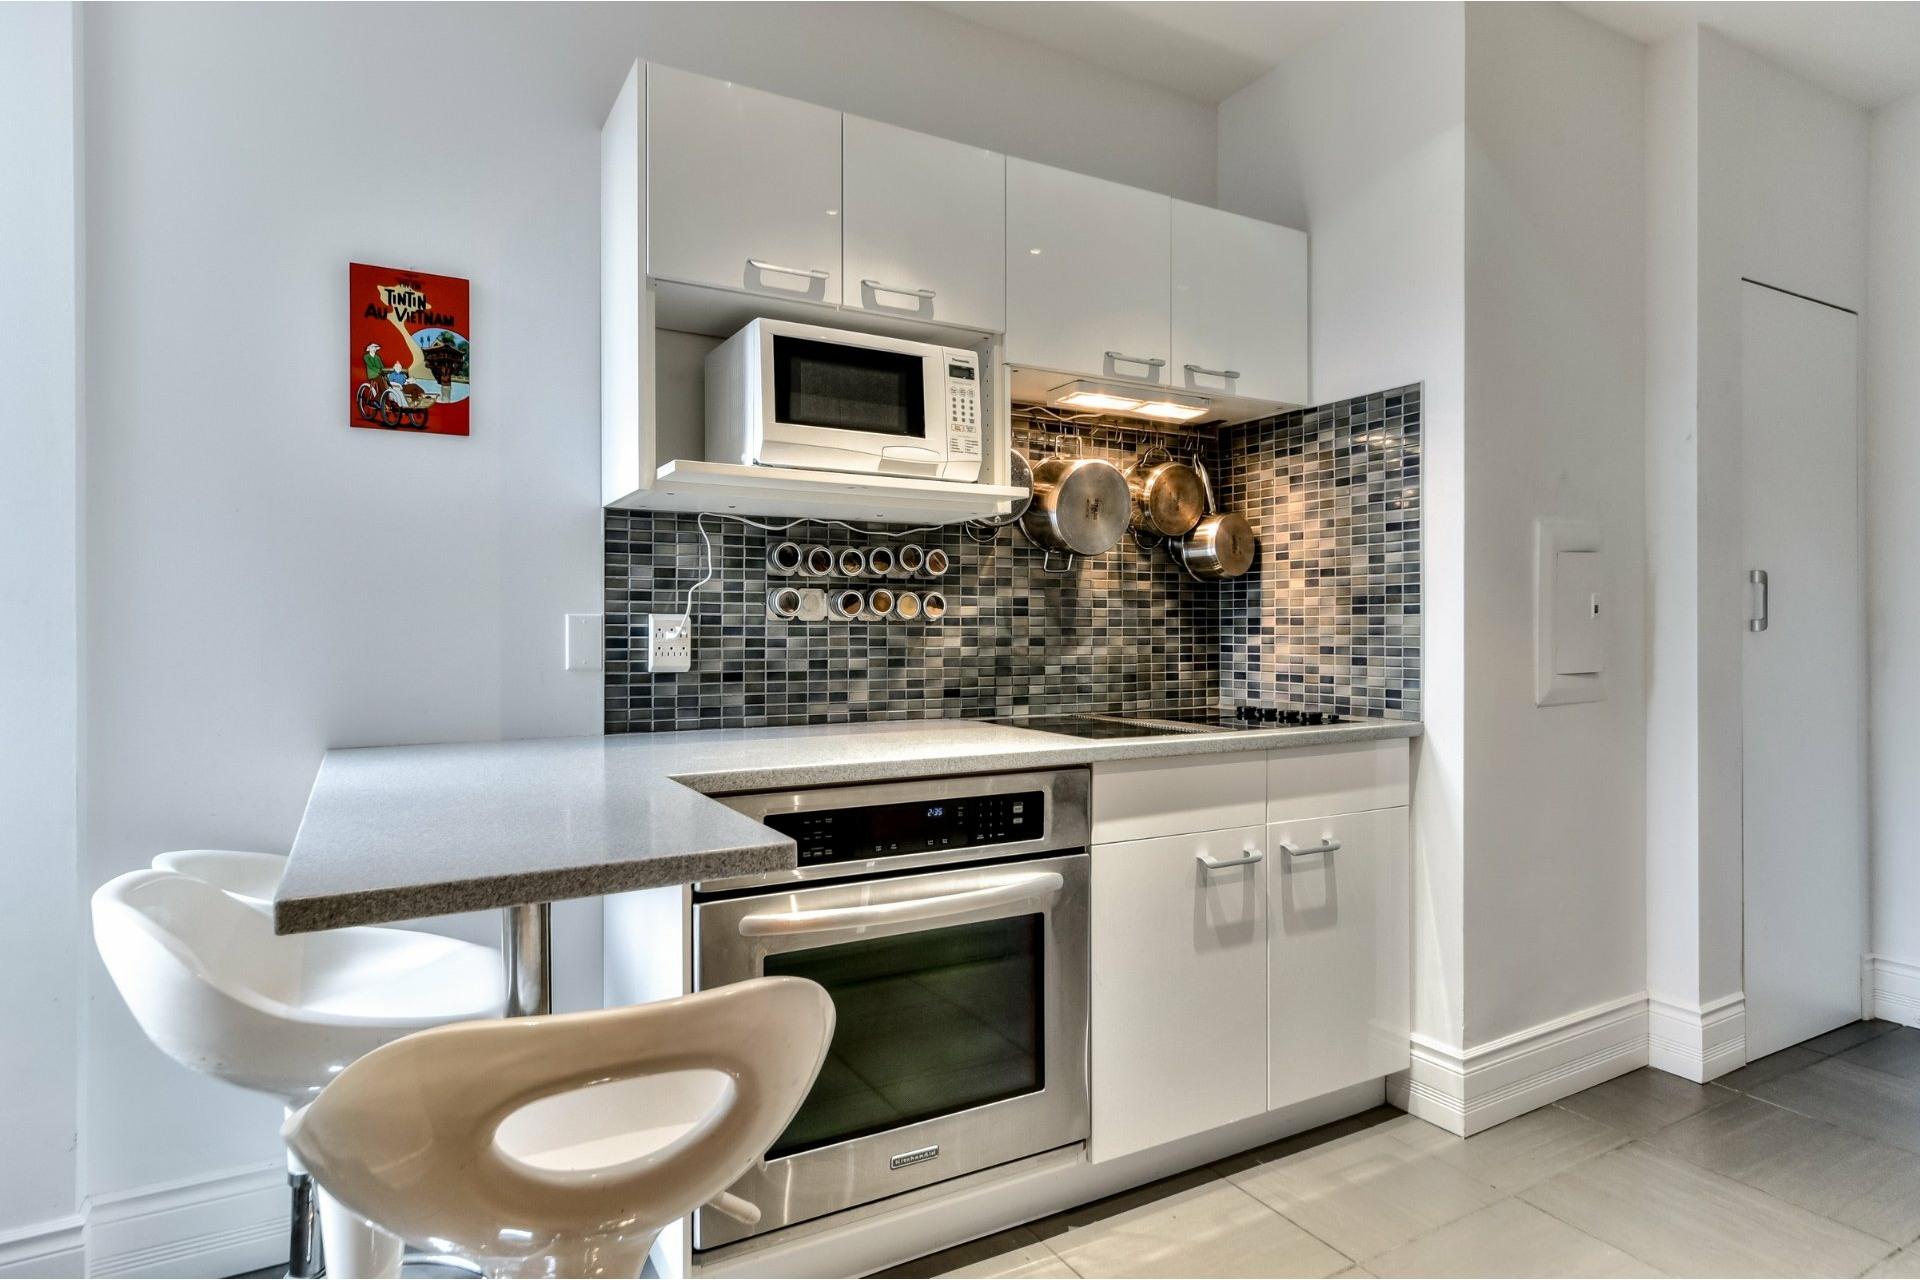 image 11 - Appartement À vendre Outremont Montréal  - 7 pièces